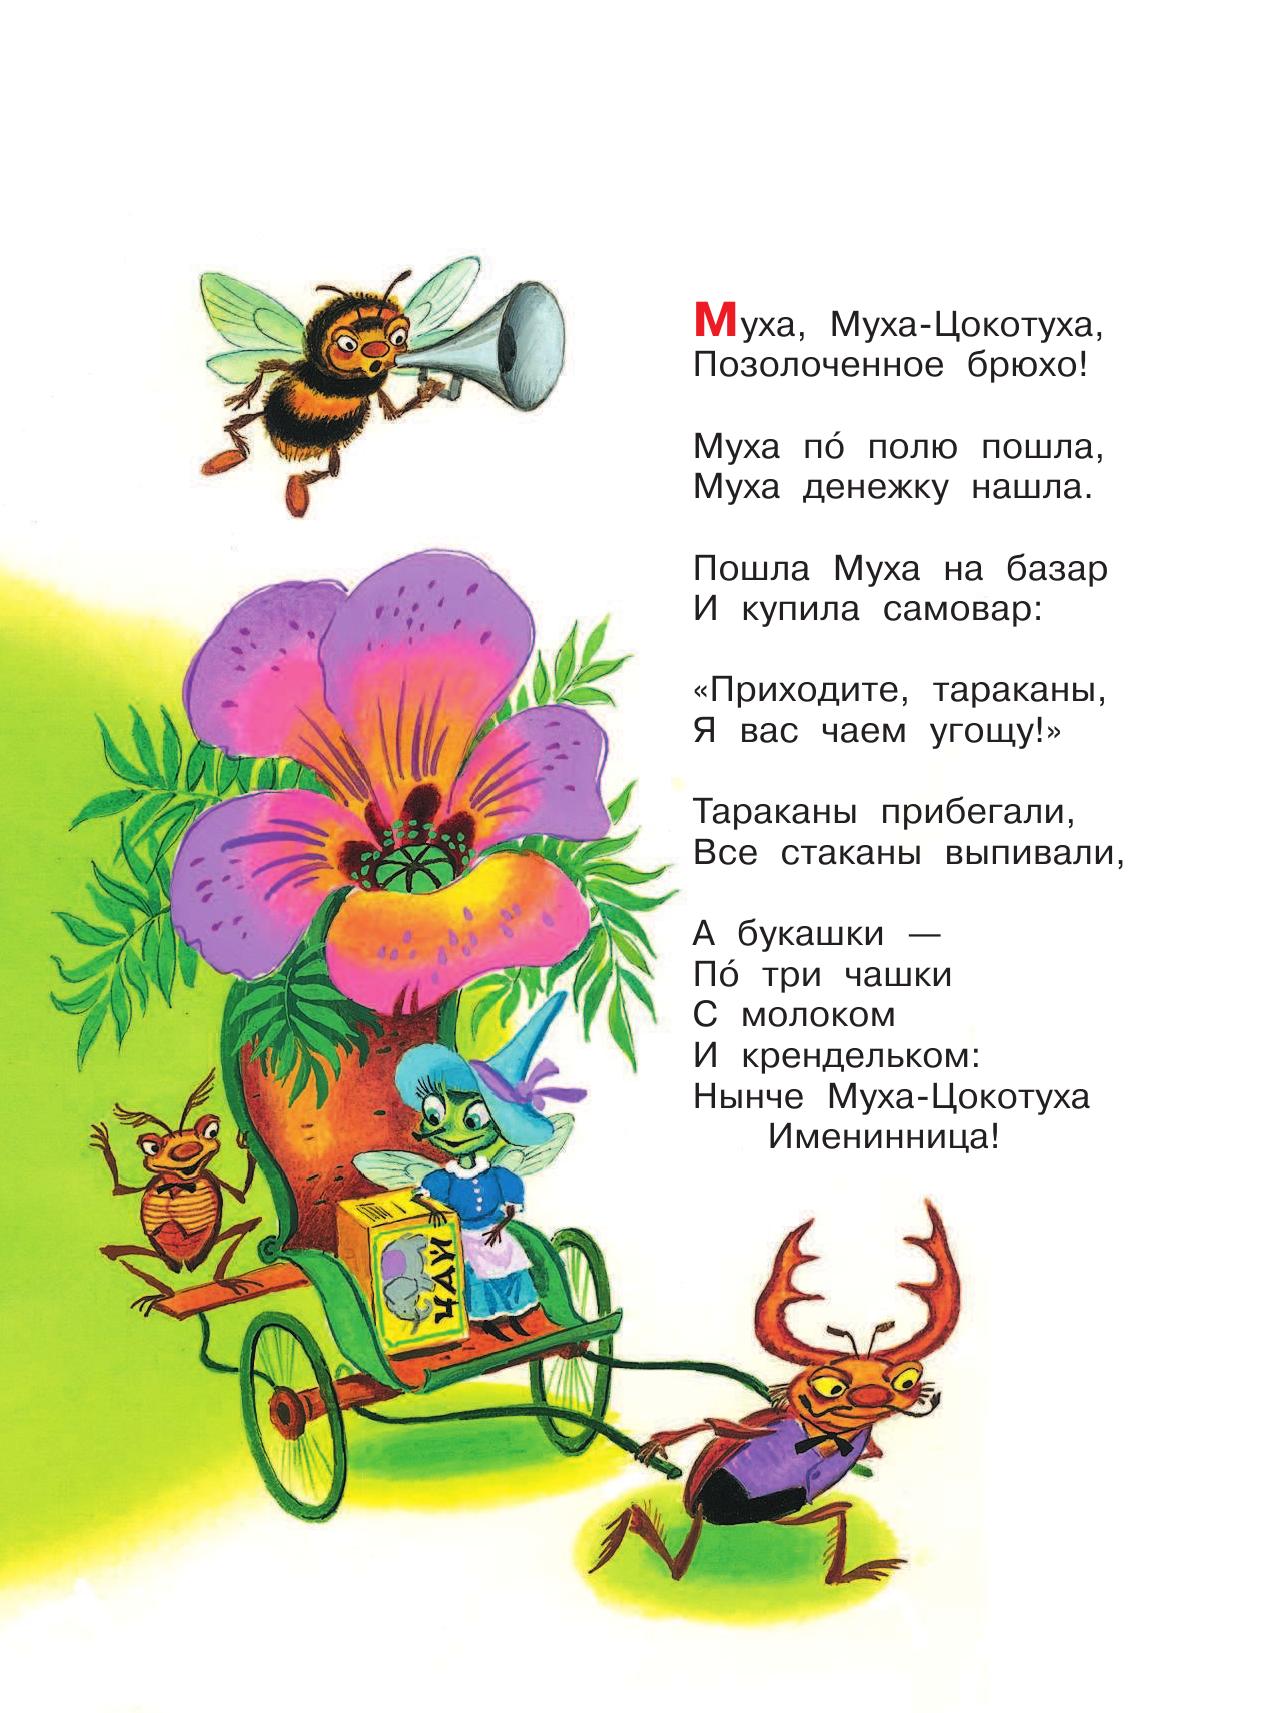 Картинка детьми, стих муха цокотуха читать с картинками